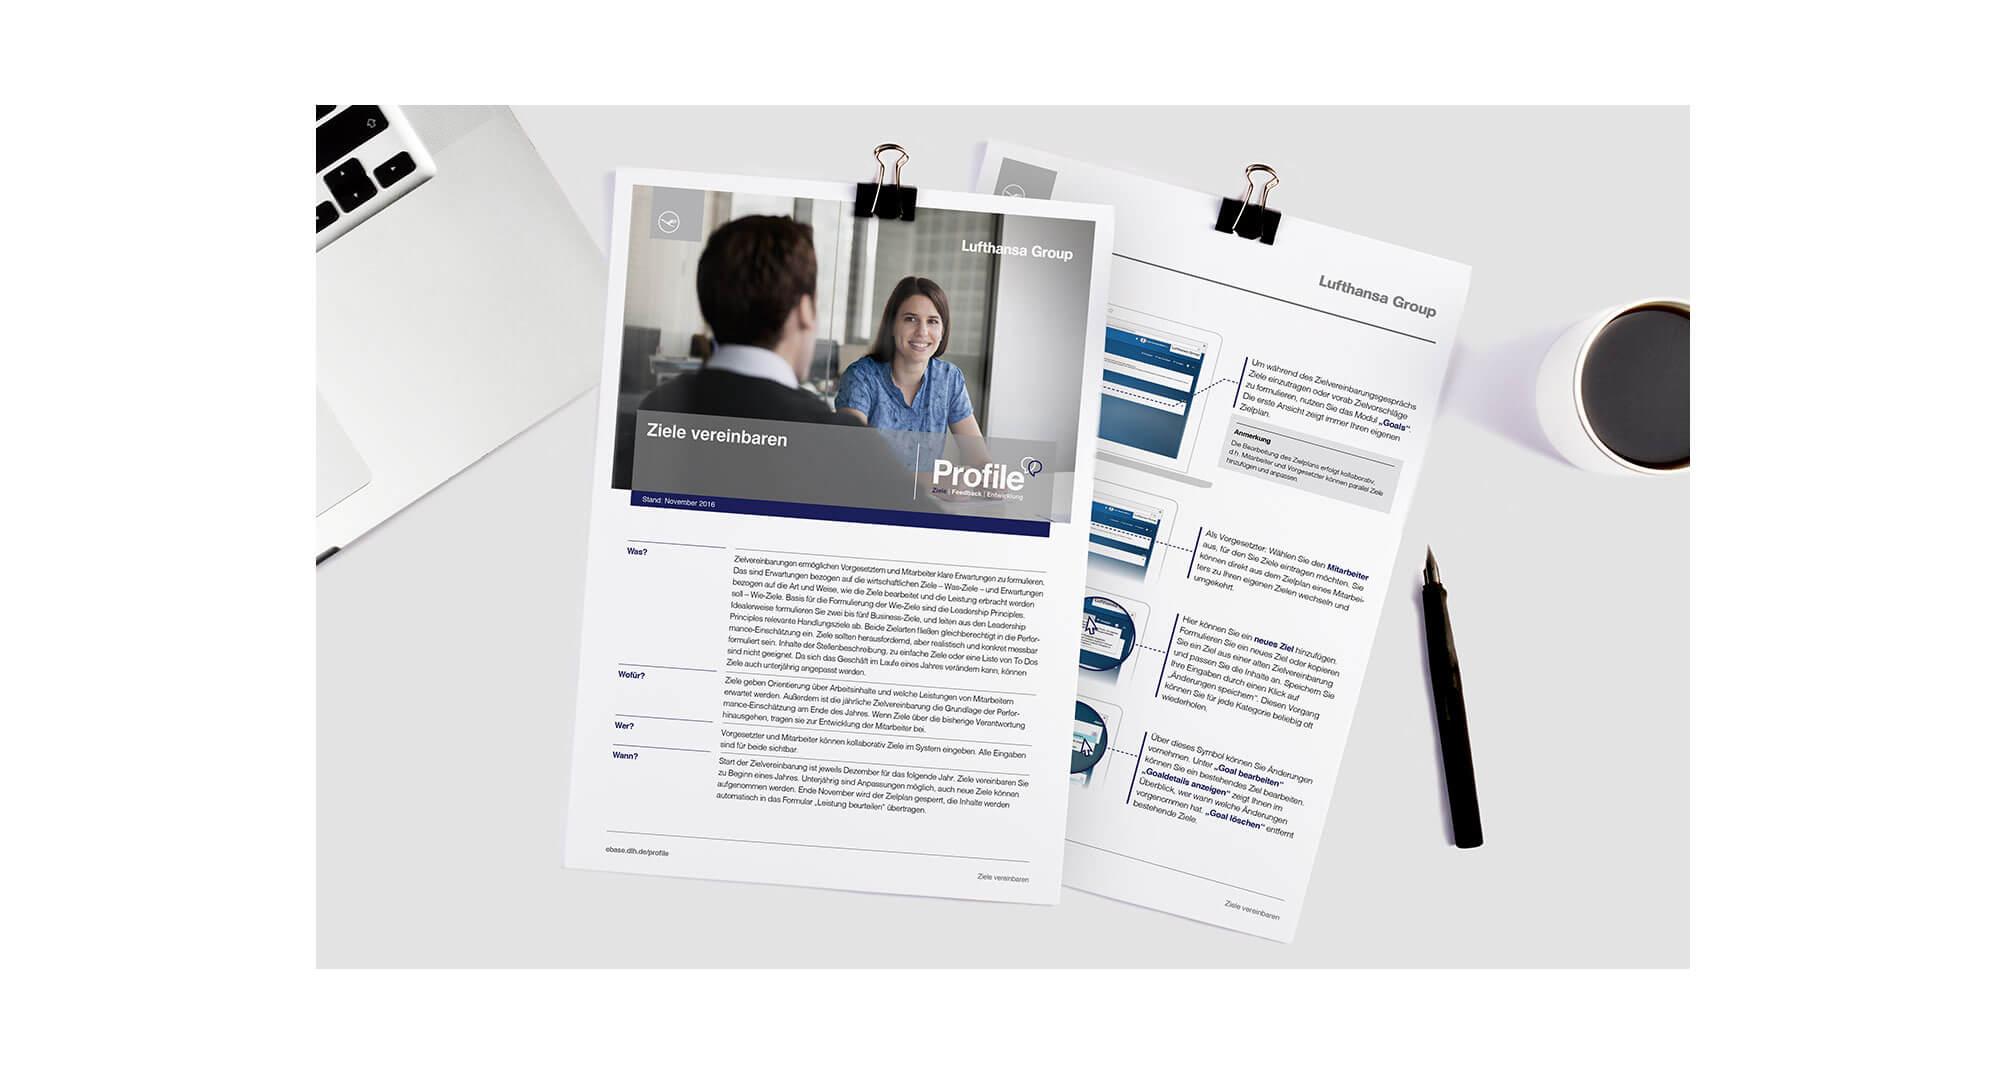 360VIER_Lufthansa_Case-Study_Slider-09 Deutsche Lufthansa AG